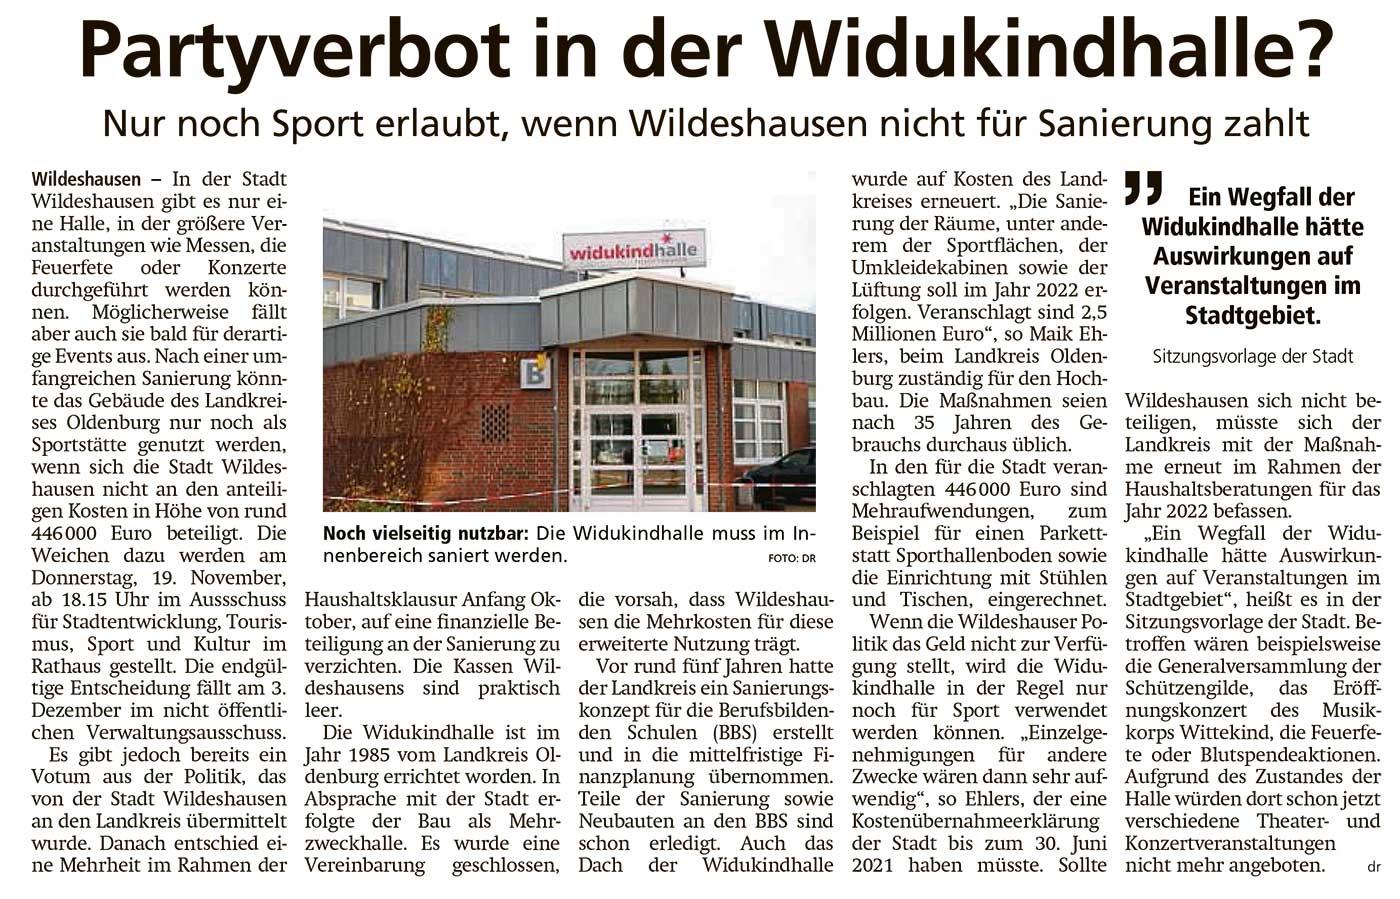 Partyverbot in der Widukindhalle?Nur noch Sport erlaubt, wenn Wildeshausen nicht für Sanierung zahltArtikel vom 17.11.2020 (WZ)